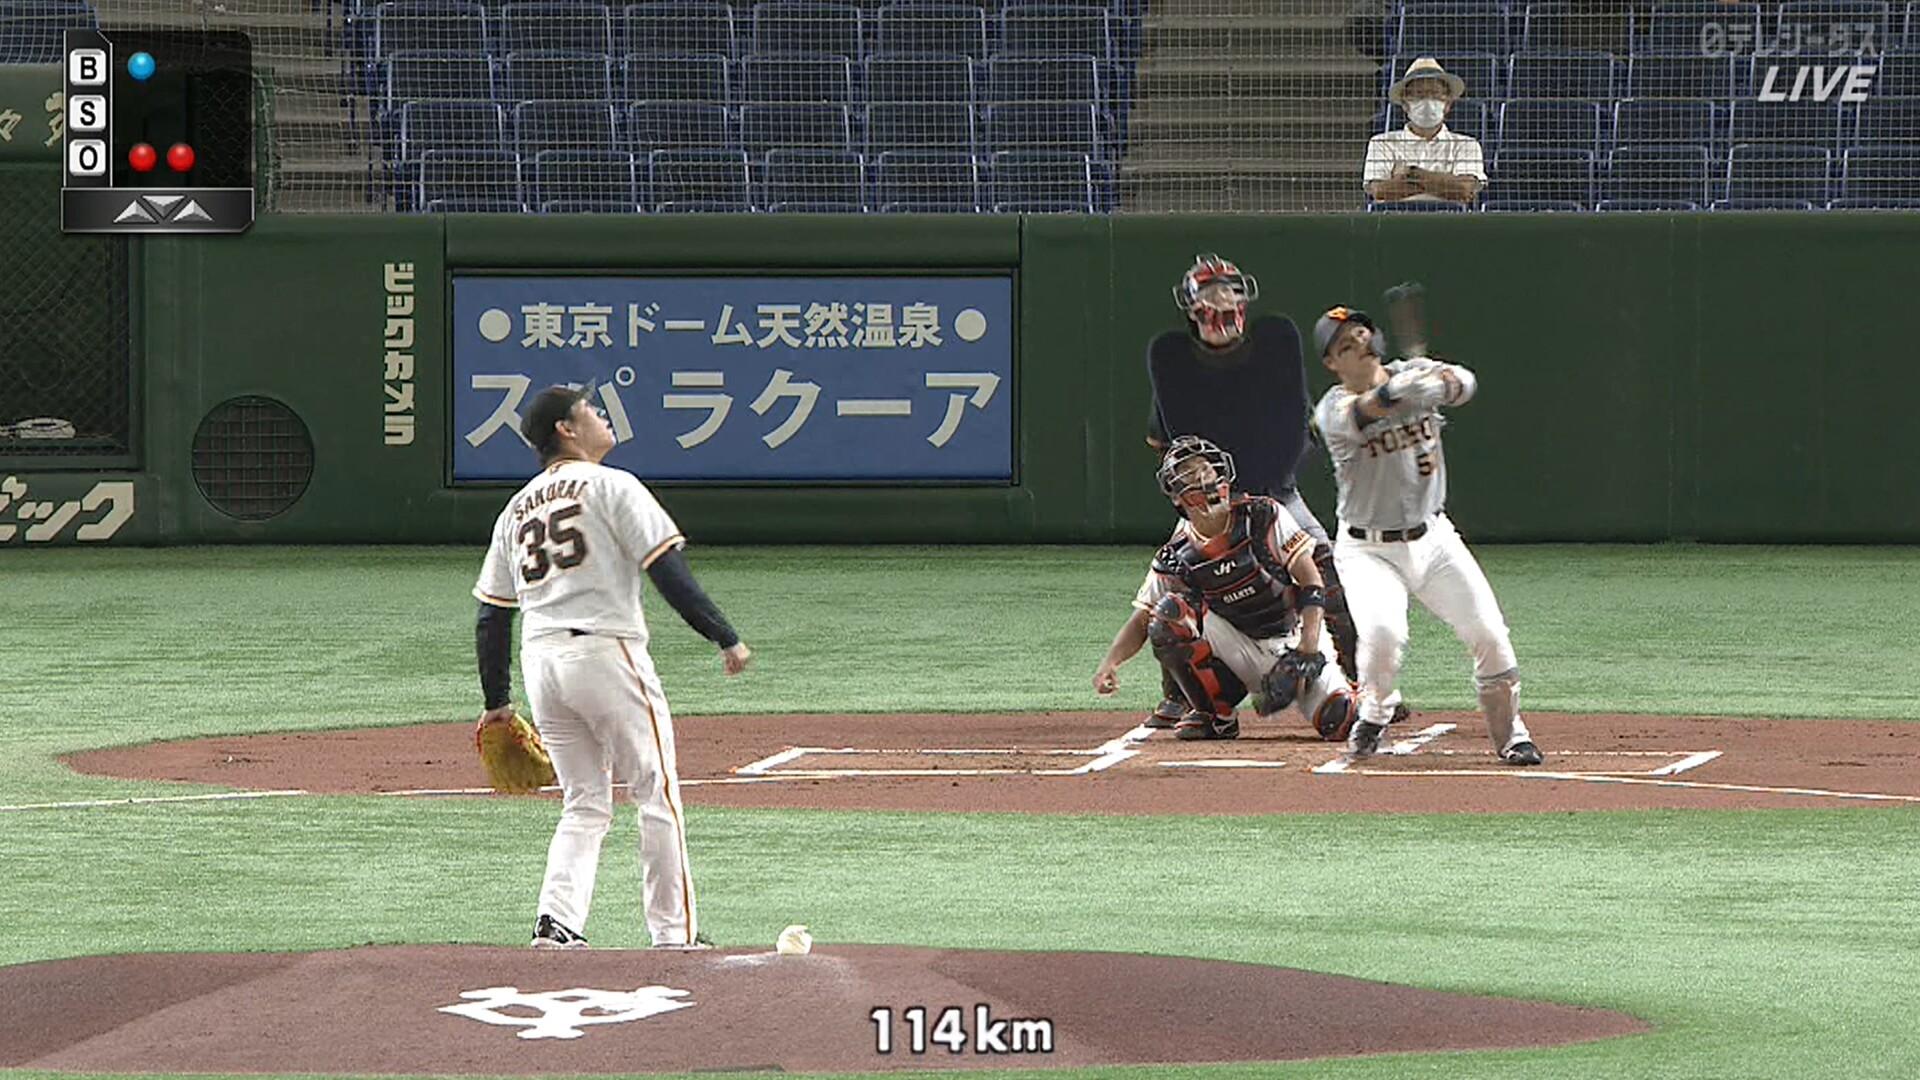 巨人・桜井、三つ巴紅白戦でもしっかり飛翔wwww